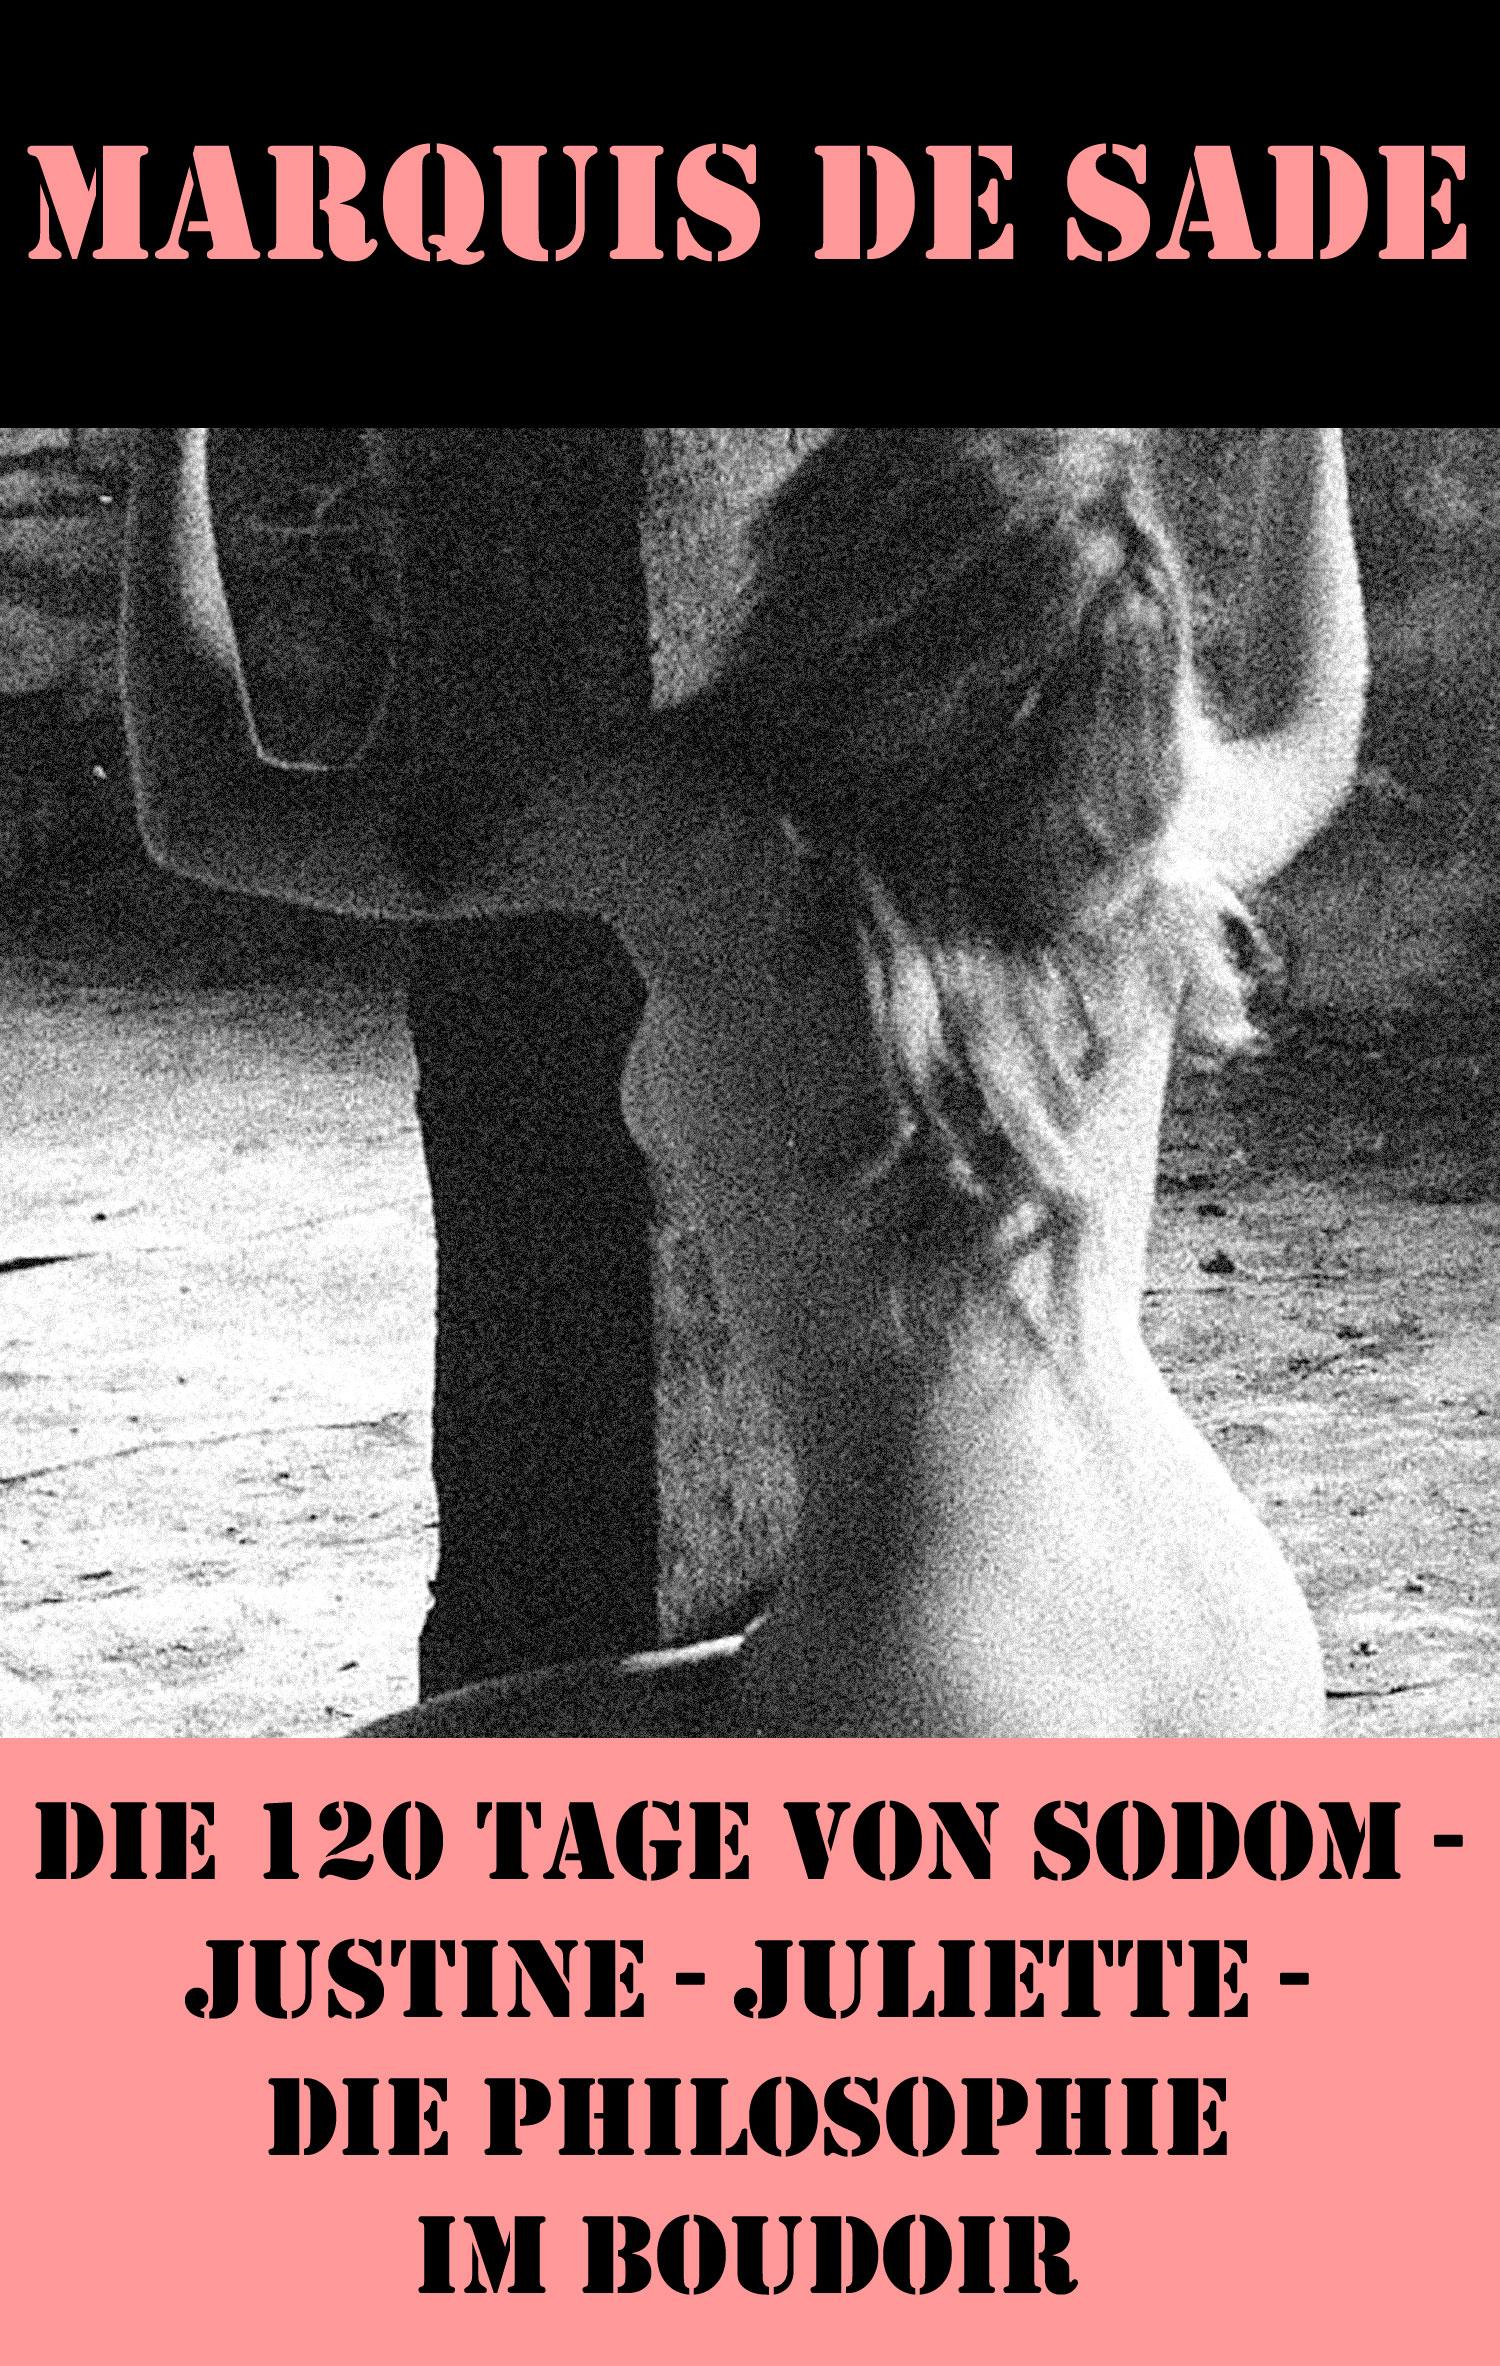 die 120 tage von sodom justine juliette die philosophie im boudoir 4 meisterwerke der erotik und bdsm